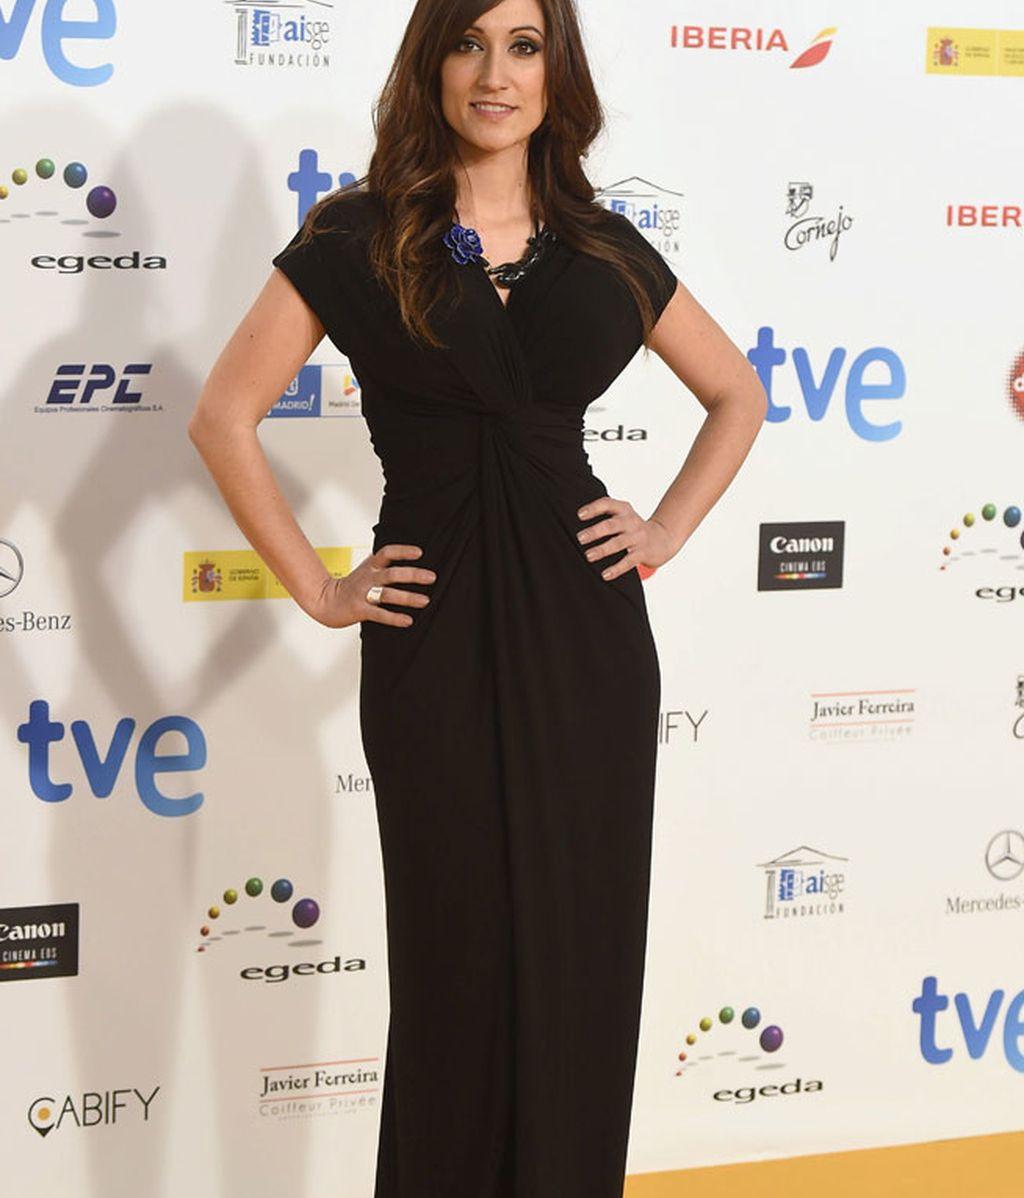 La presentadora de la gala, Ana Morgade